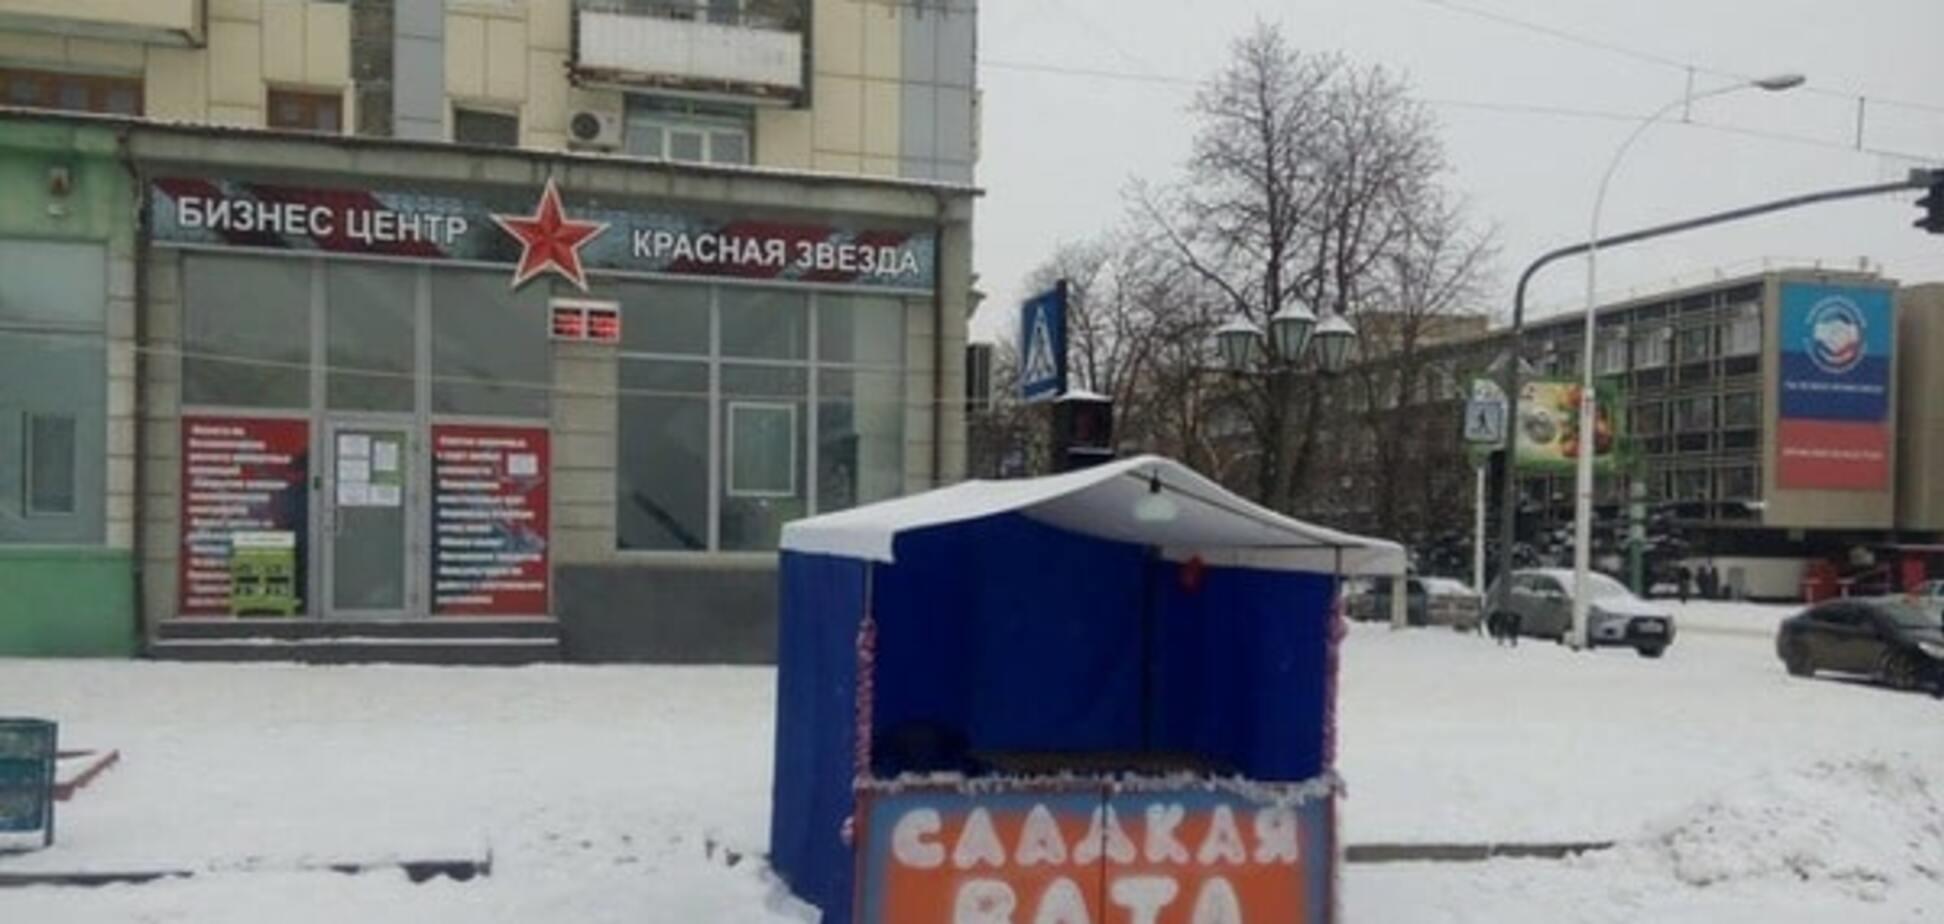 Соцсети высмеяли 'ватную' палатку в Луганске: фотофакт